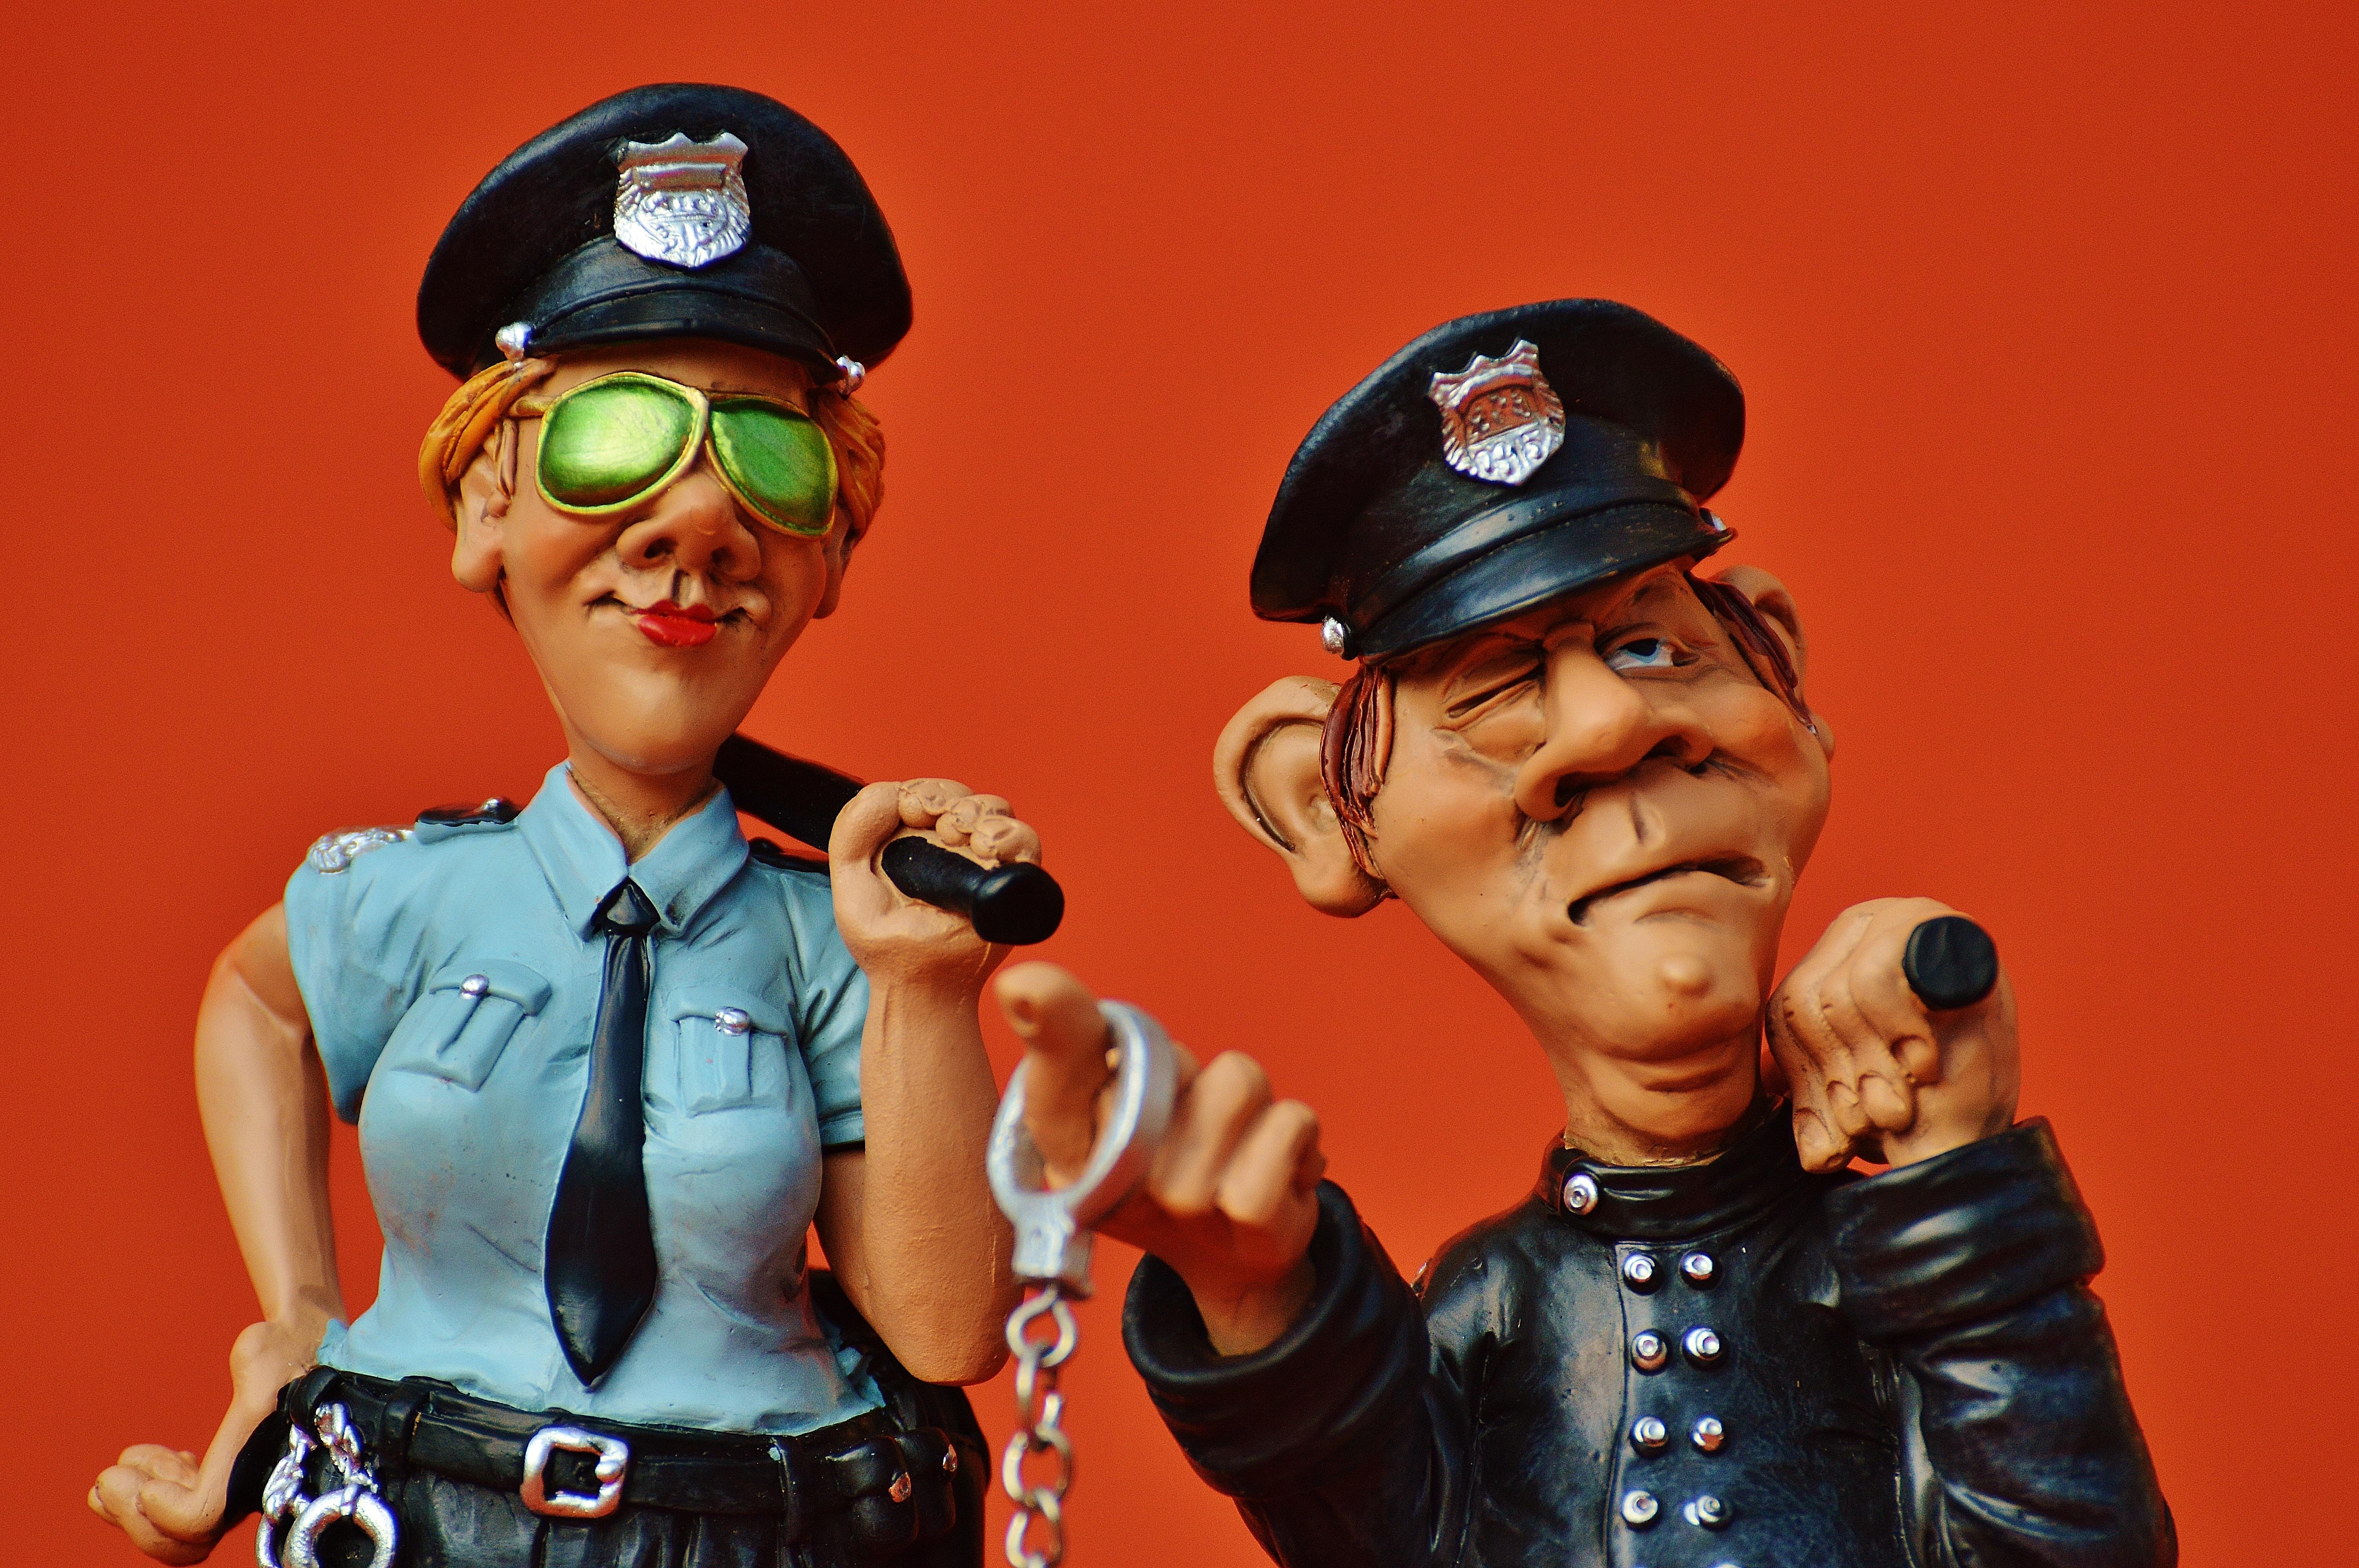 Полицейский картинка прикольная